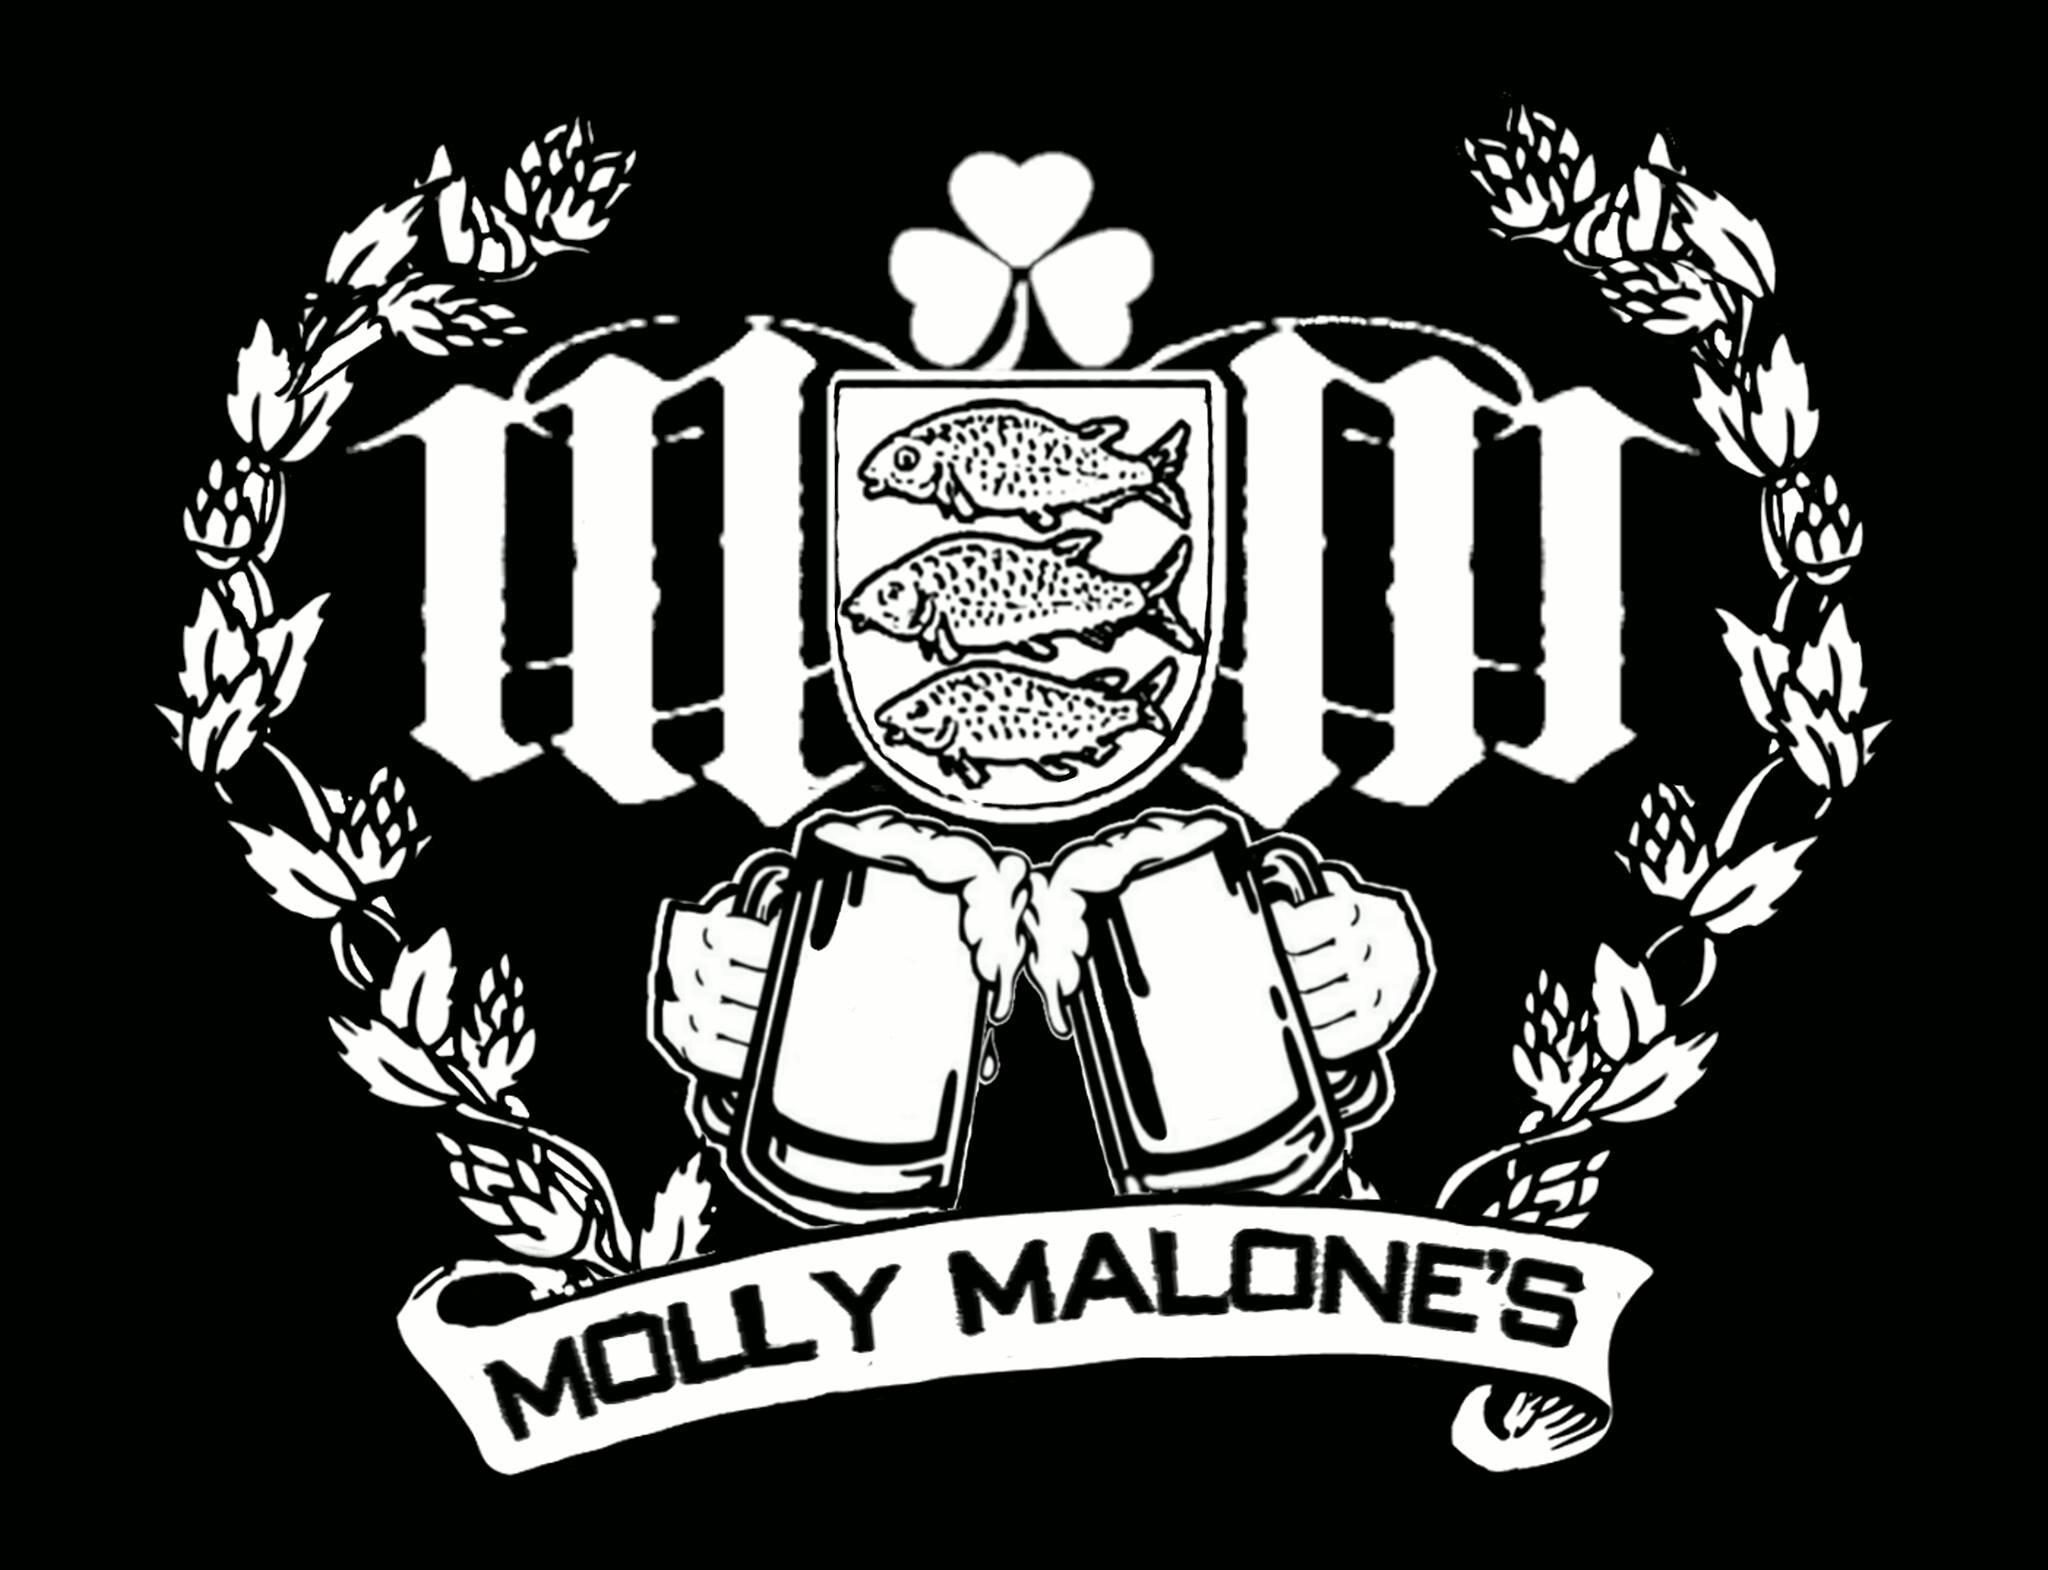 mollym